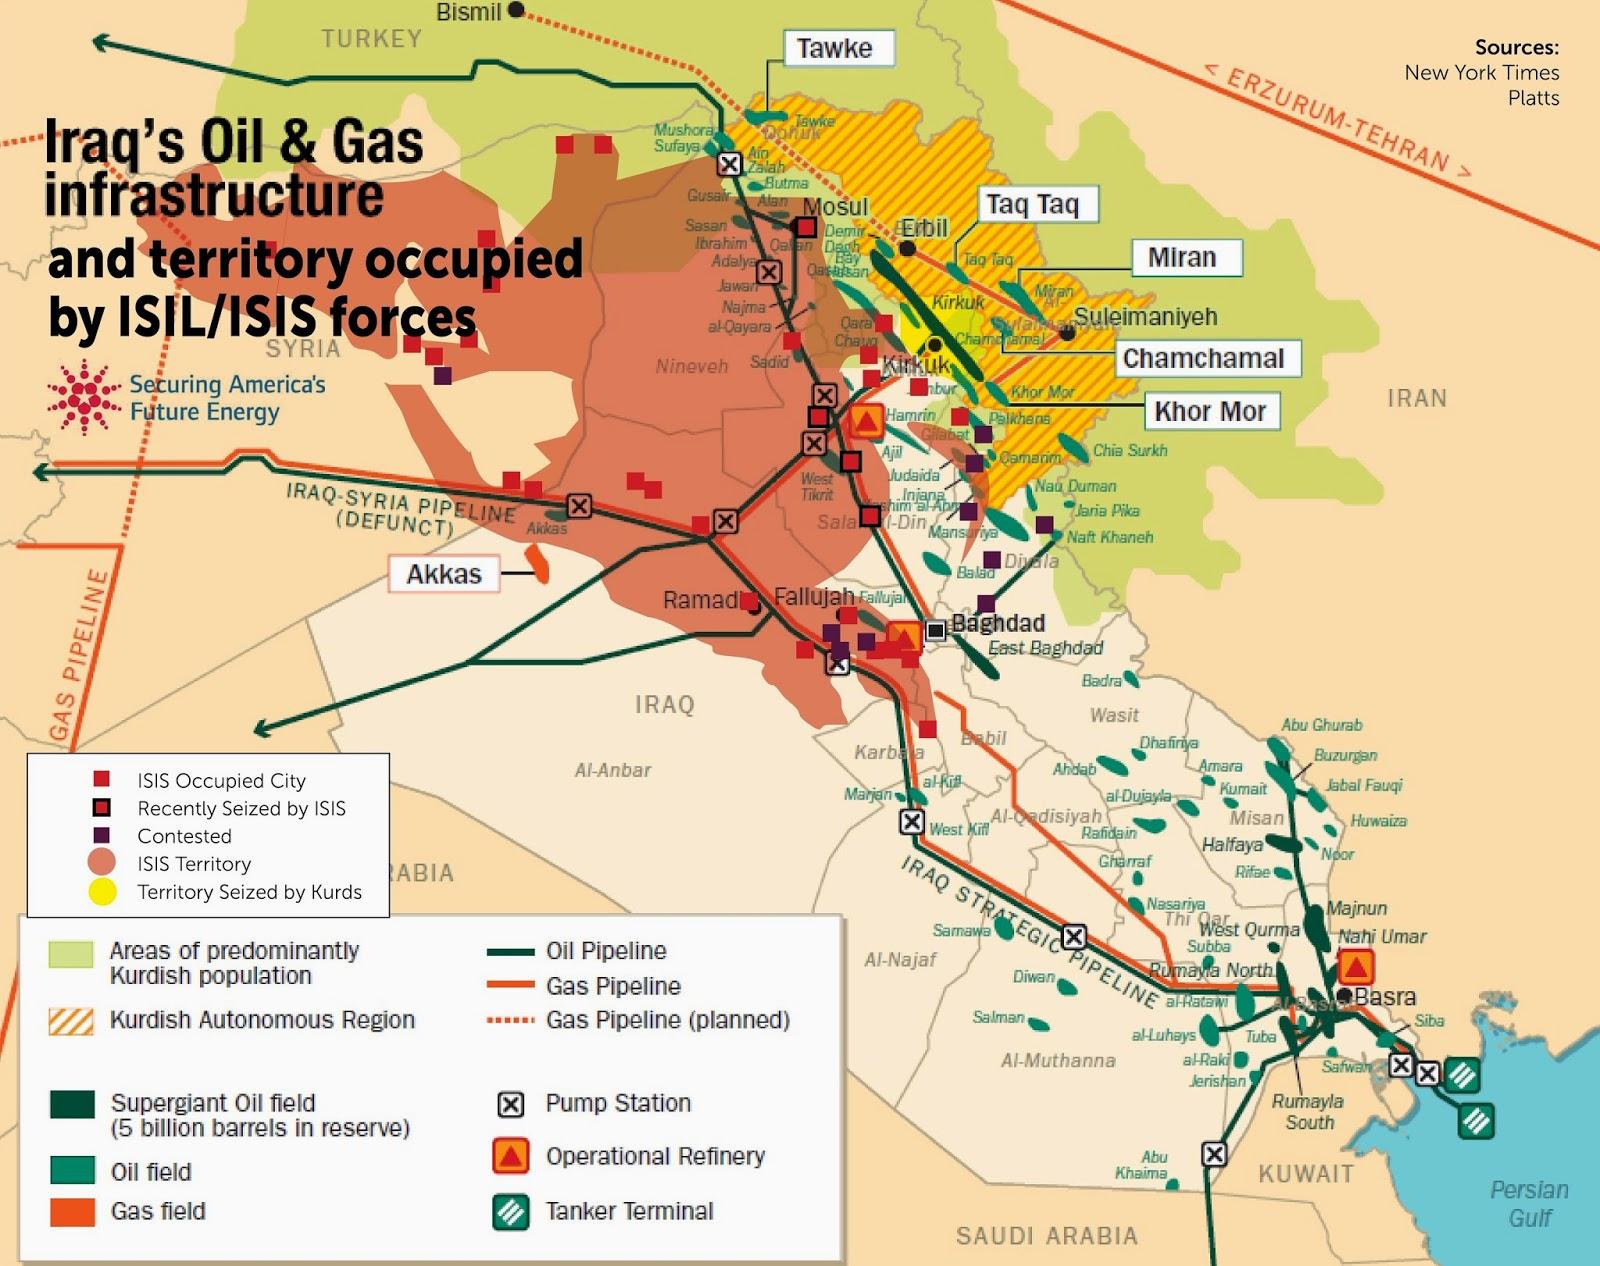 Il Petrolio dello Stato islamico. a chi viene venduto?